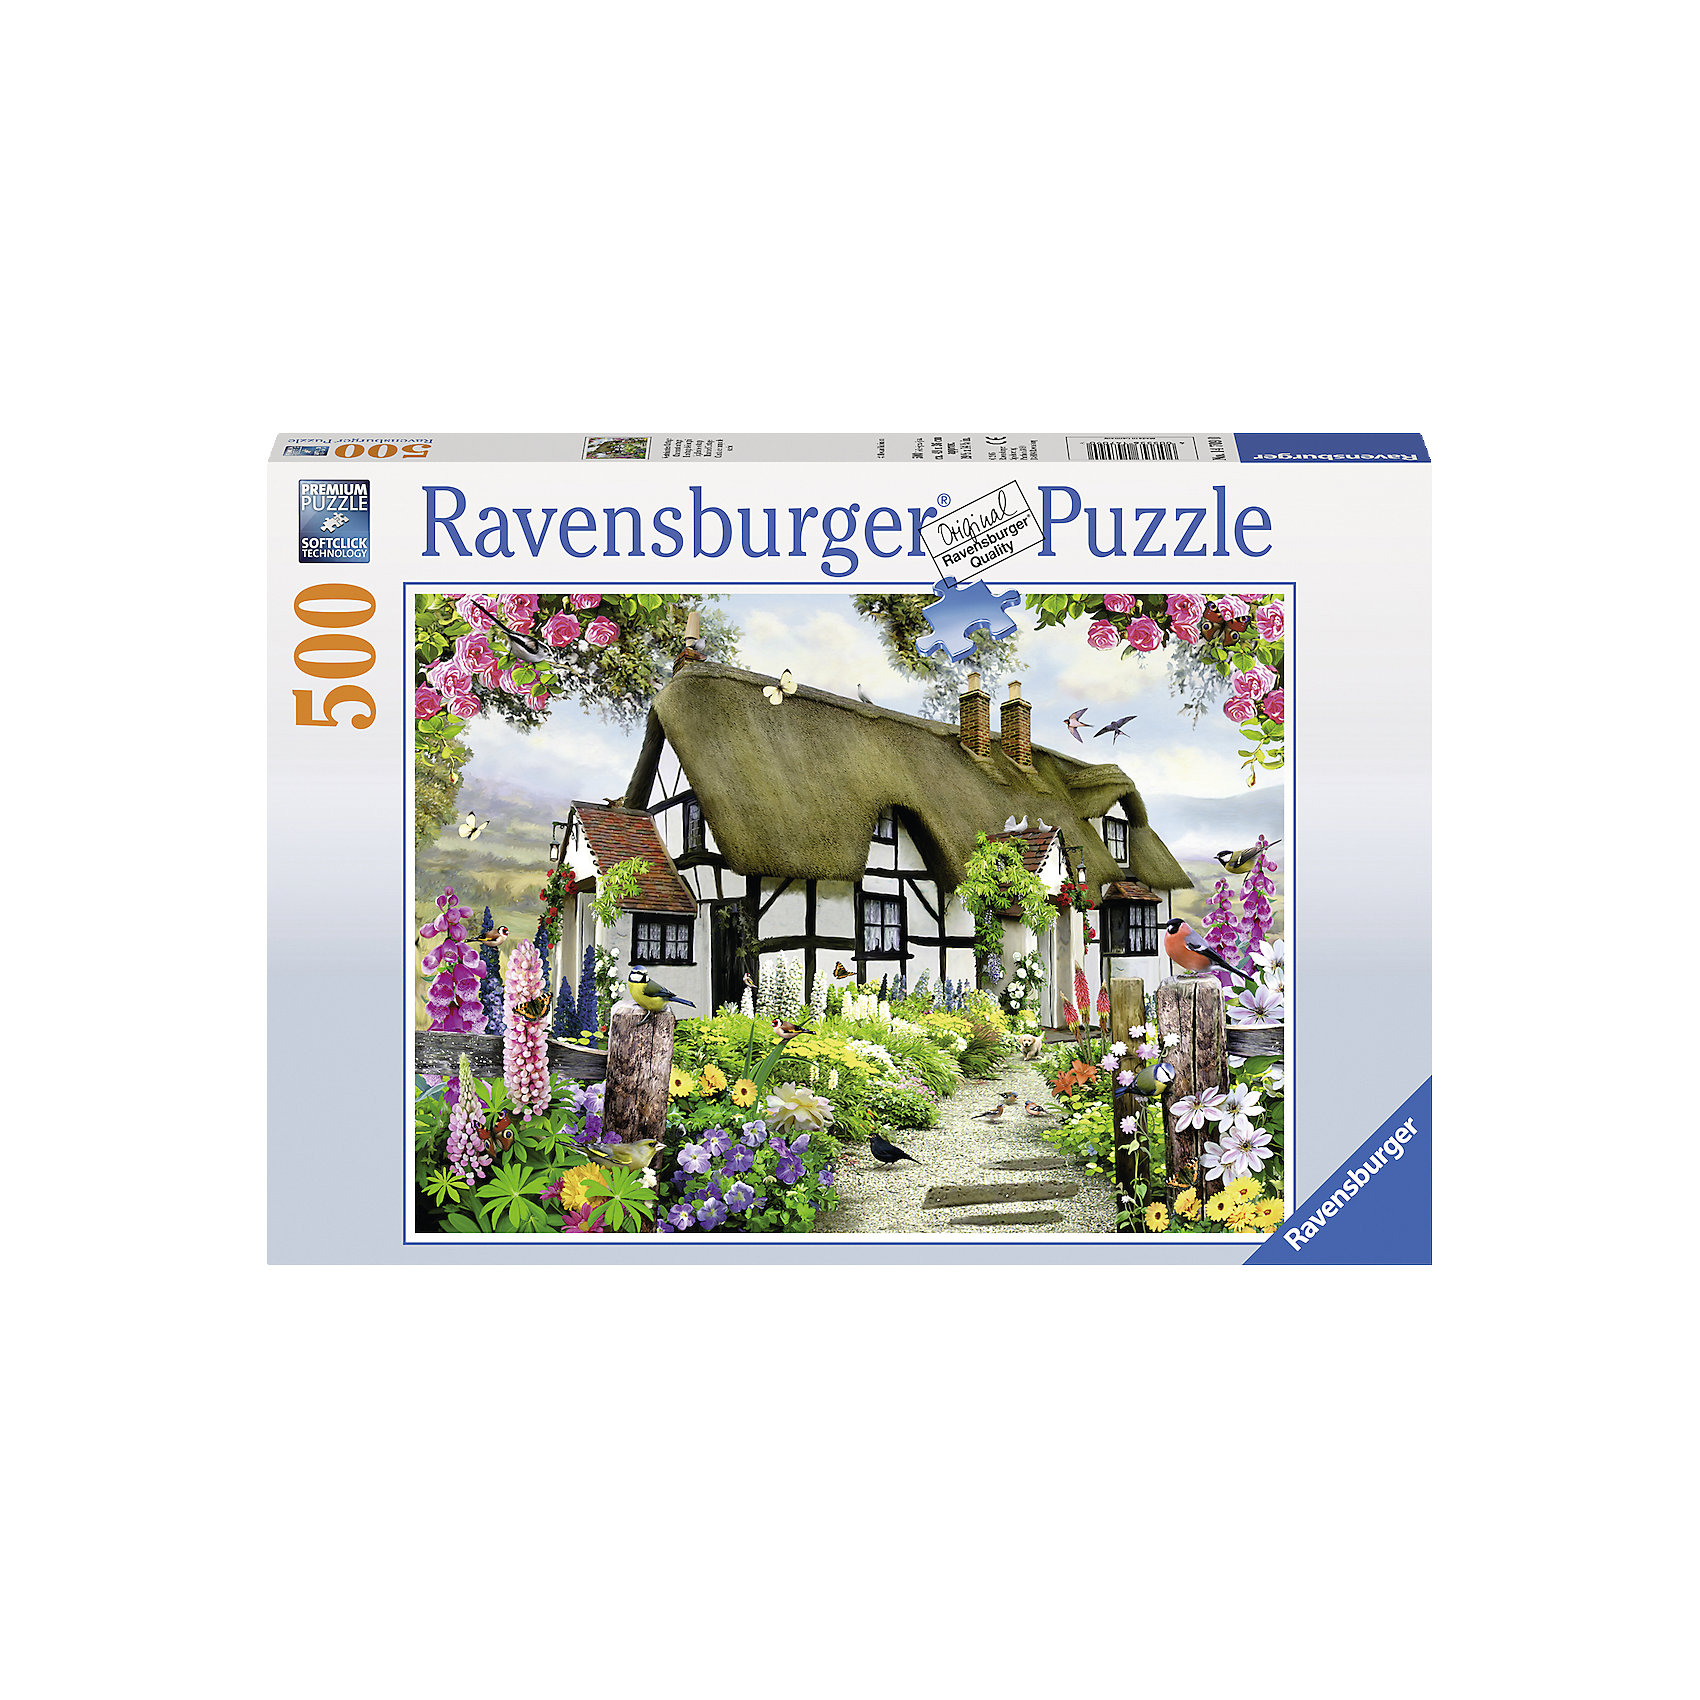 Пазл «Дом мечты», 500 деталей, RavensburgerЛюбителям собирать пазлы может понравиться красивая мозаика Дом мечты. Это довольно большой пазл, собрать который смогут дети от 9 лет. Он состоит из 500 элементов, большое количество которых представляют растительность. Готовая картина представляет собой белоснежный дом с оригинальной крышей, стоящий в окружении яркой зелени и красивых цветов. Все детали очень качественные и не будут расклеиваться при использовании.<br>В товар входит:<br>-500 деталей<br><br>Дополнительная информация:<br>-Размер картинки 61*46 см <br>-Размер упаковки 33*23*5,5 см <br>-Возраст: от 9 лет<br>-Для девочек и мальчиков<br>-Состав: картон, бумага<br>-Бренд: Ravensburger (Равенсбургер)<br>-Страна обладатель бренда: Германия<br><br>Ширина мм: 335<br>Глубина мм: 231<br>Высота мм: 37<br>Вес г: 547<br>Возраст от месяцев: 108<br>Возраст до месяцев: 228<br>Пол: Унисекс<br>Возраст: Детский<br>Количество деталей: 500<br>SKU: 4441716